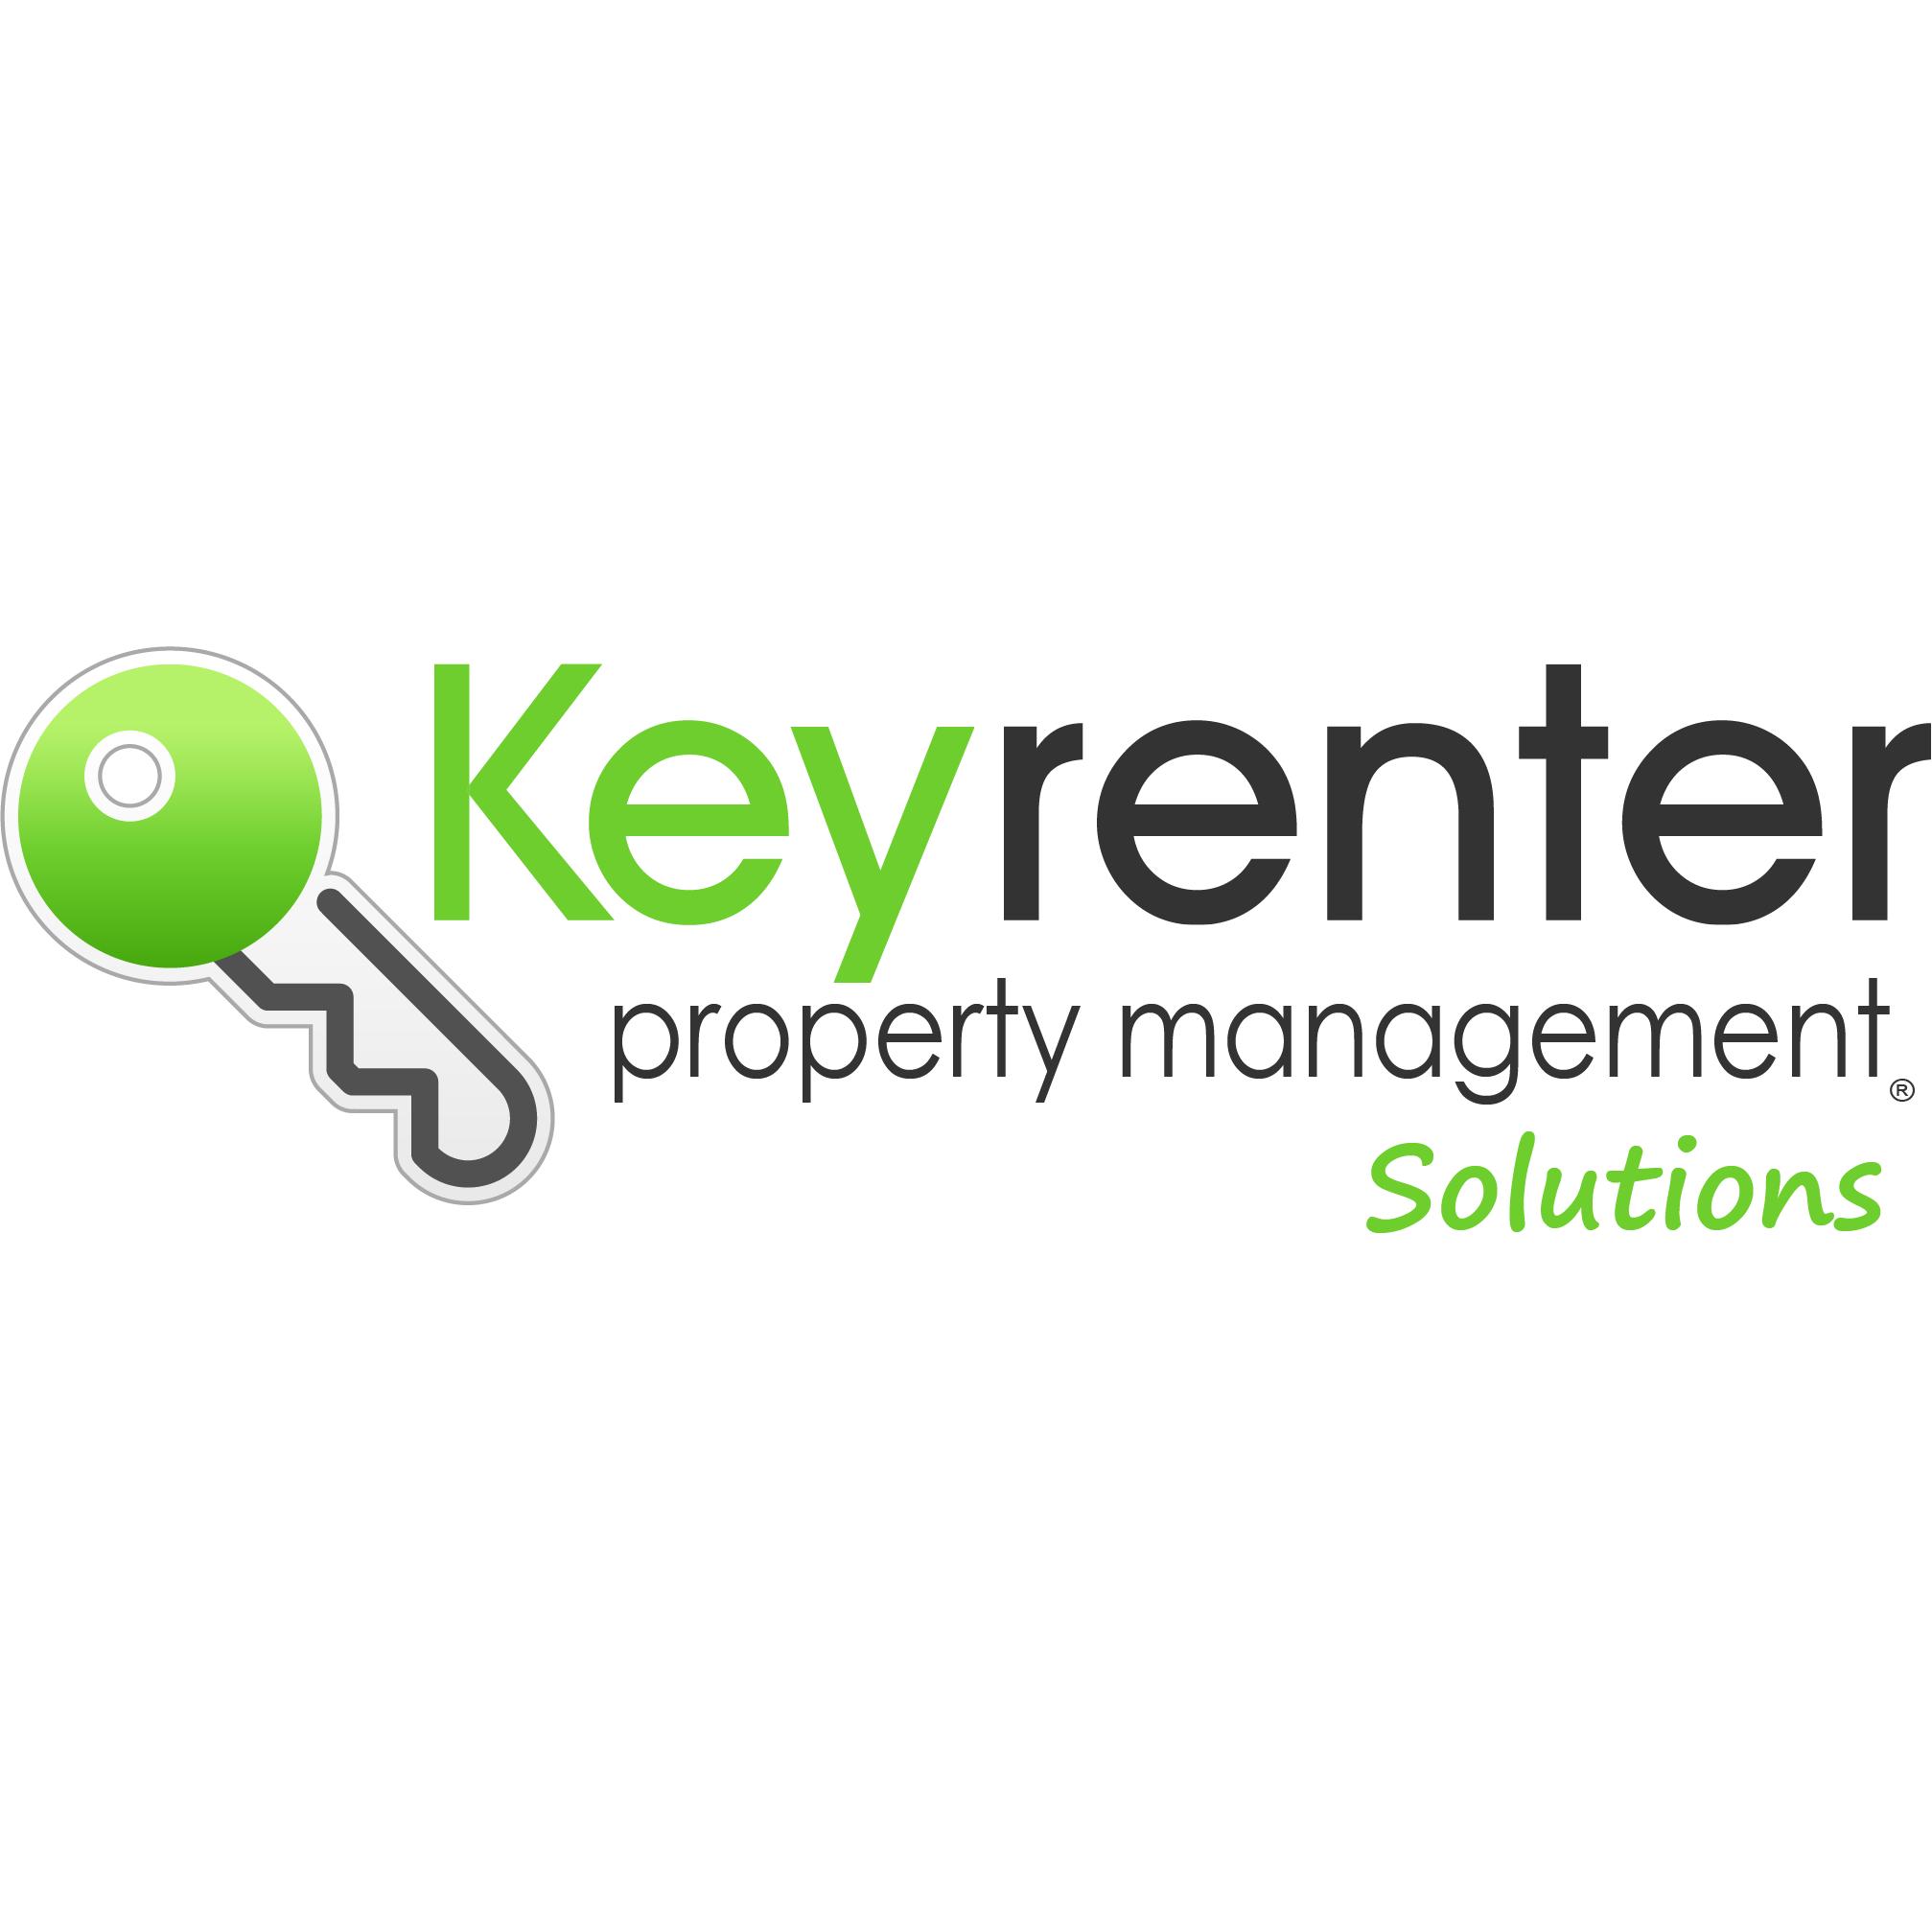 Keyrenter Property Management Solutions image 0